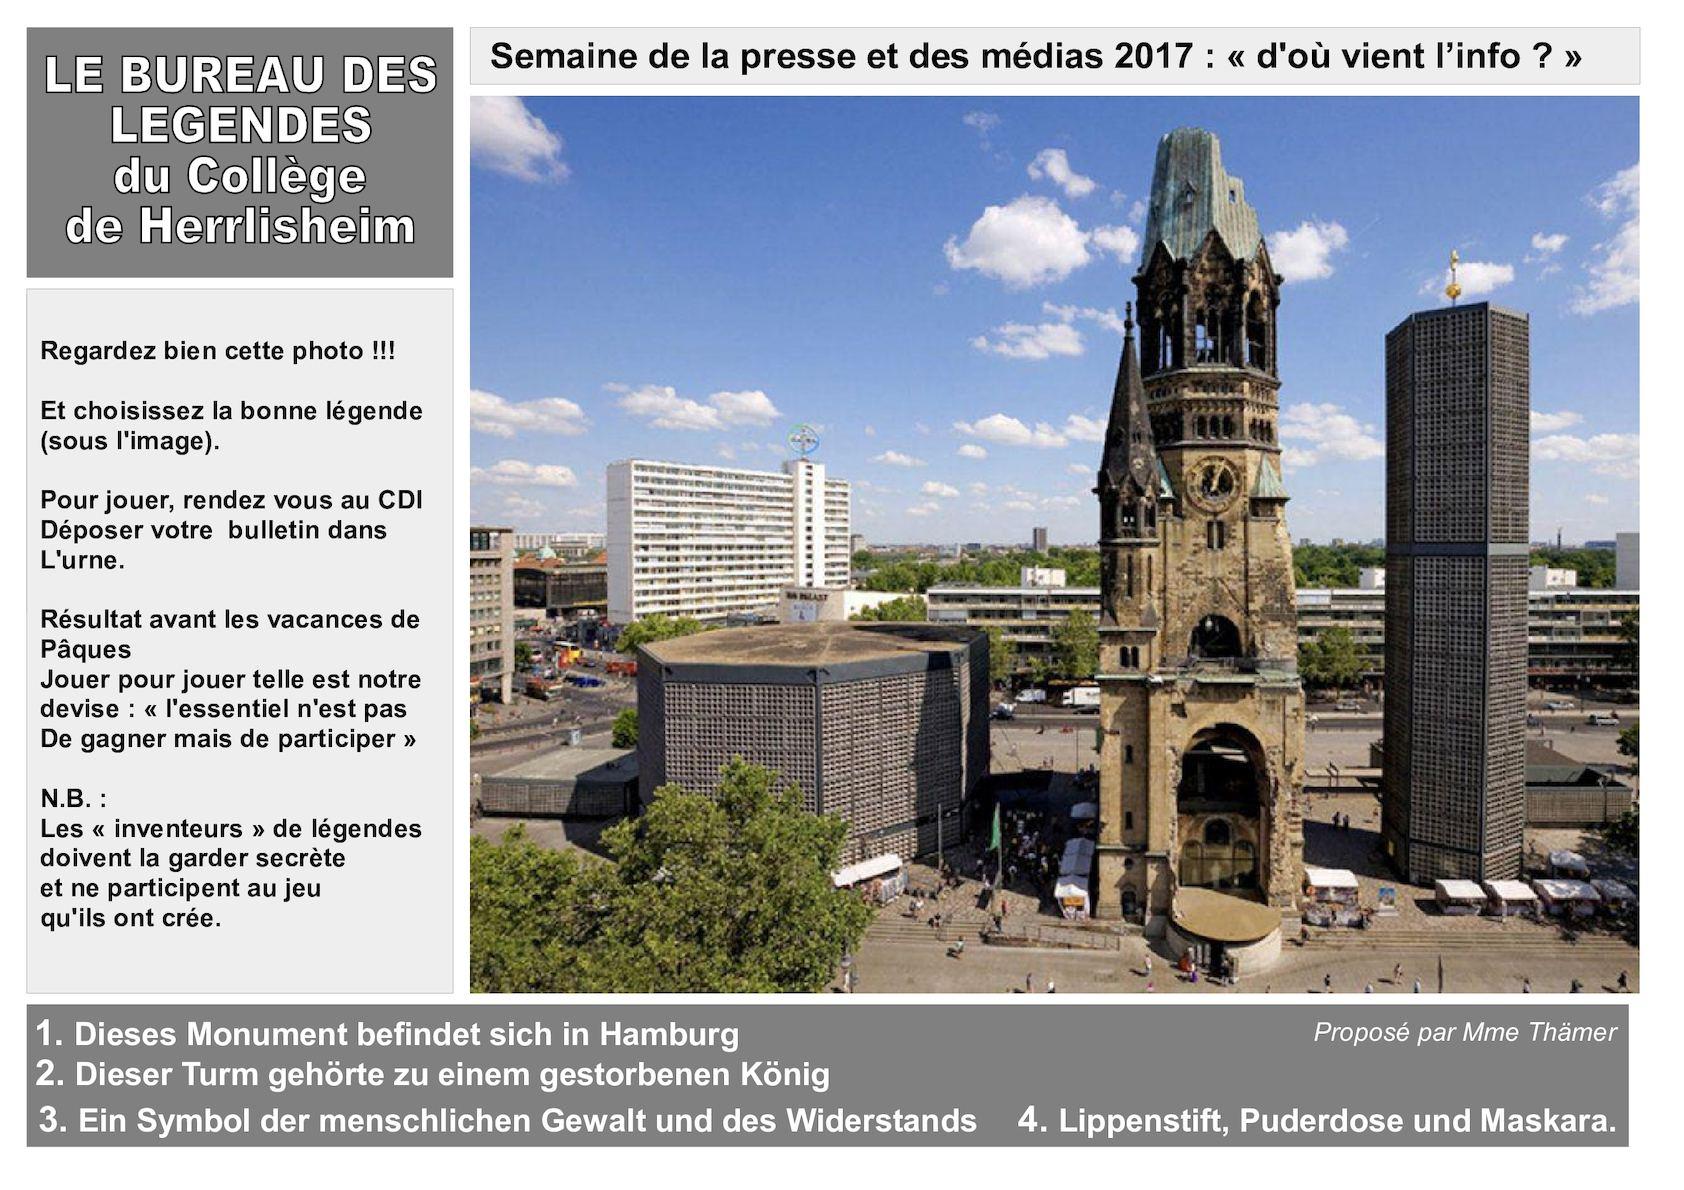 Calaméo bureau des légendes cdi collège de herrlisheim